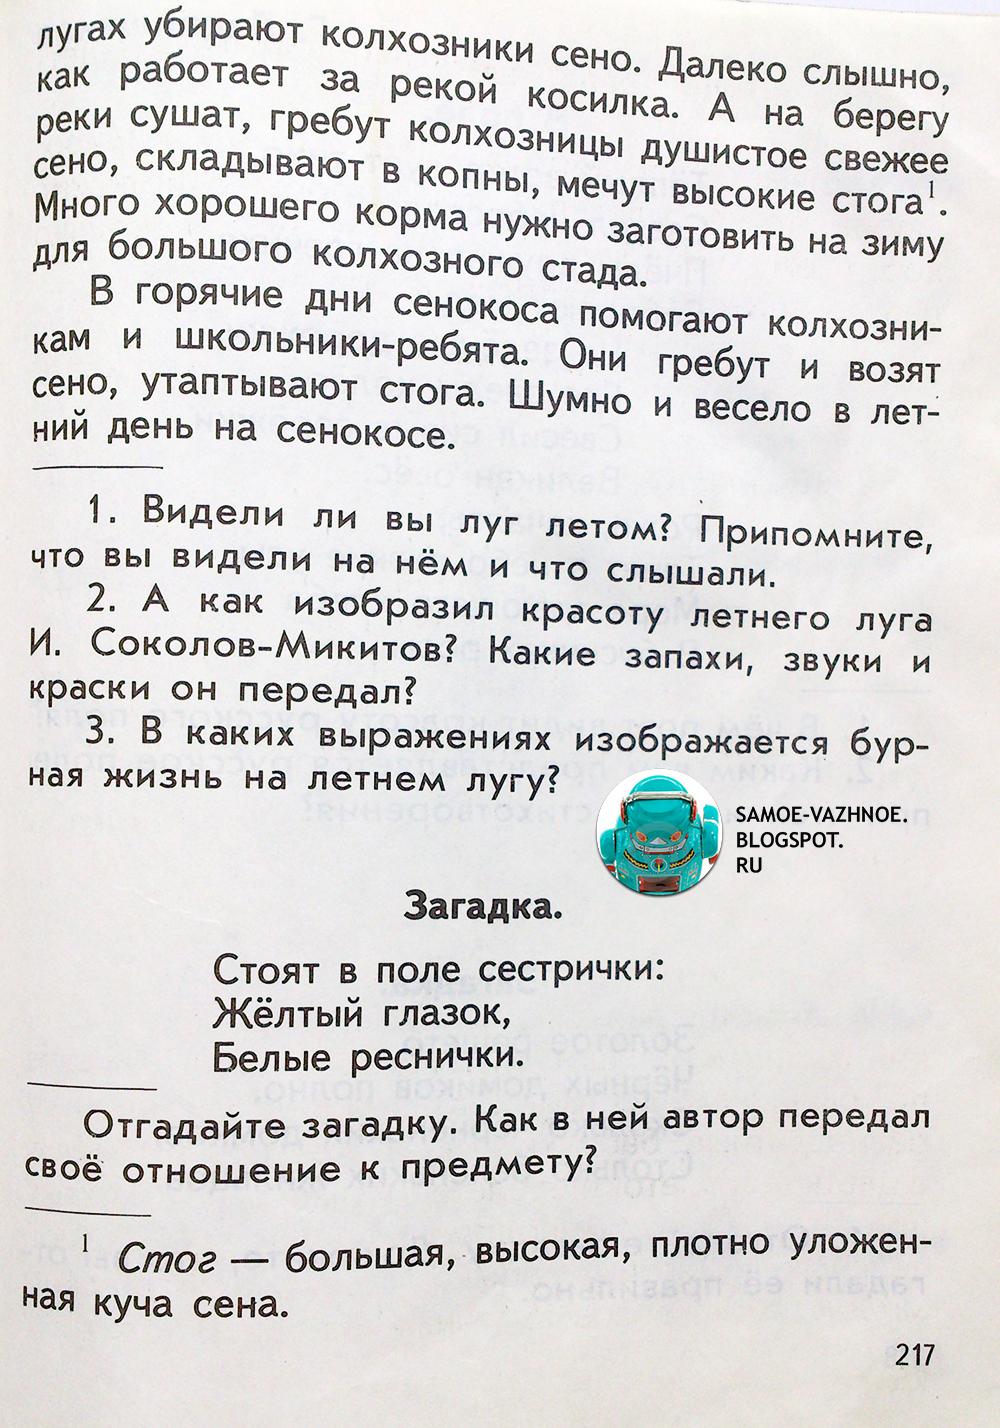 Соколов-Микитов Горячая пора читать онлайн учебник скан